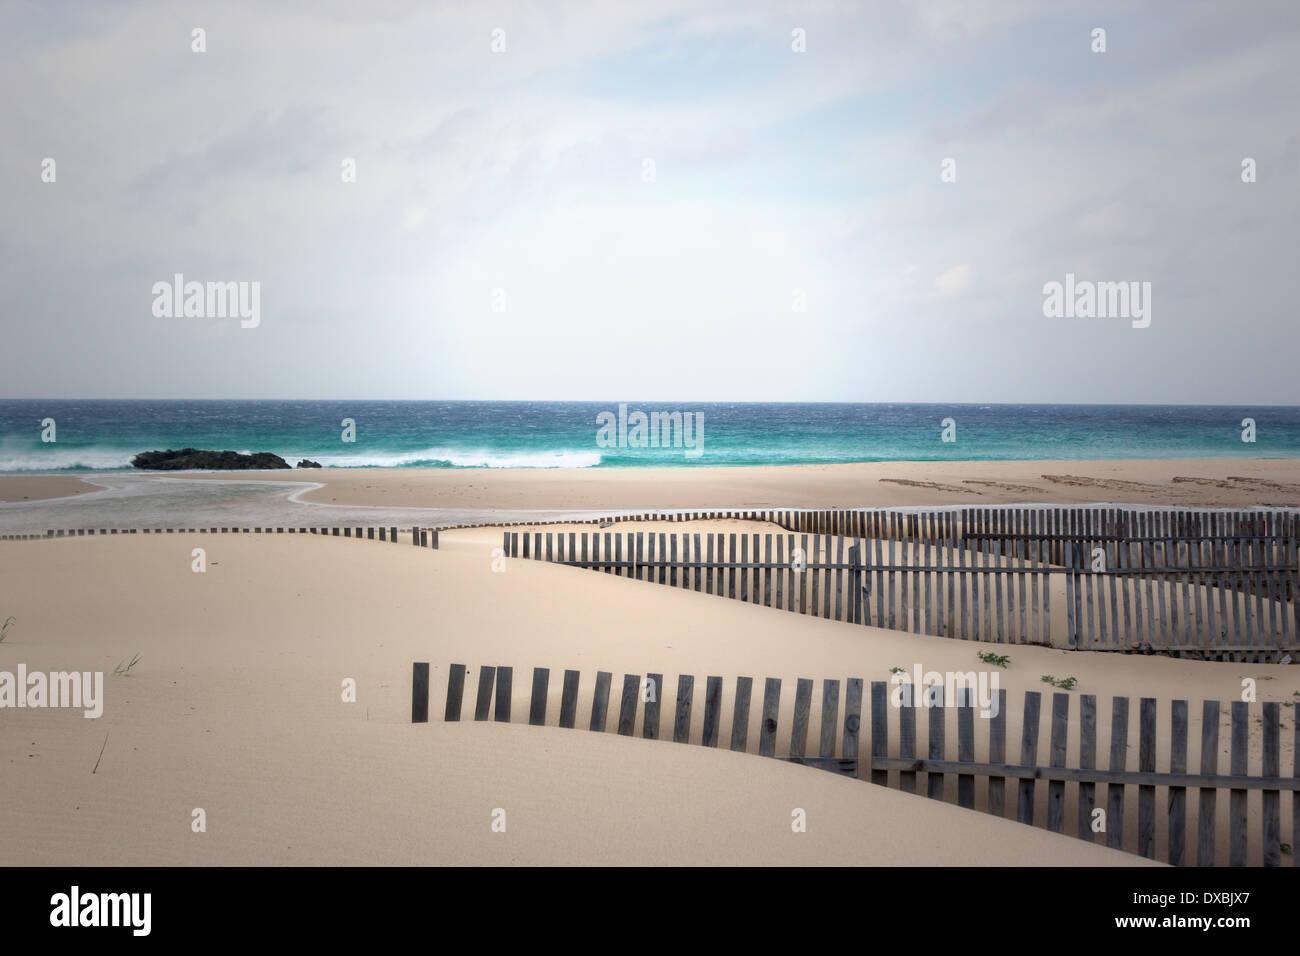 Tarifa, Province de Cadix, Costa de la Luz, Andalousie, espagne. Clôtures en bois sur des plage et l'océan atlantique. Photo Stock